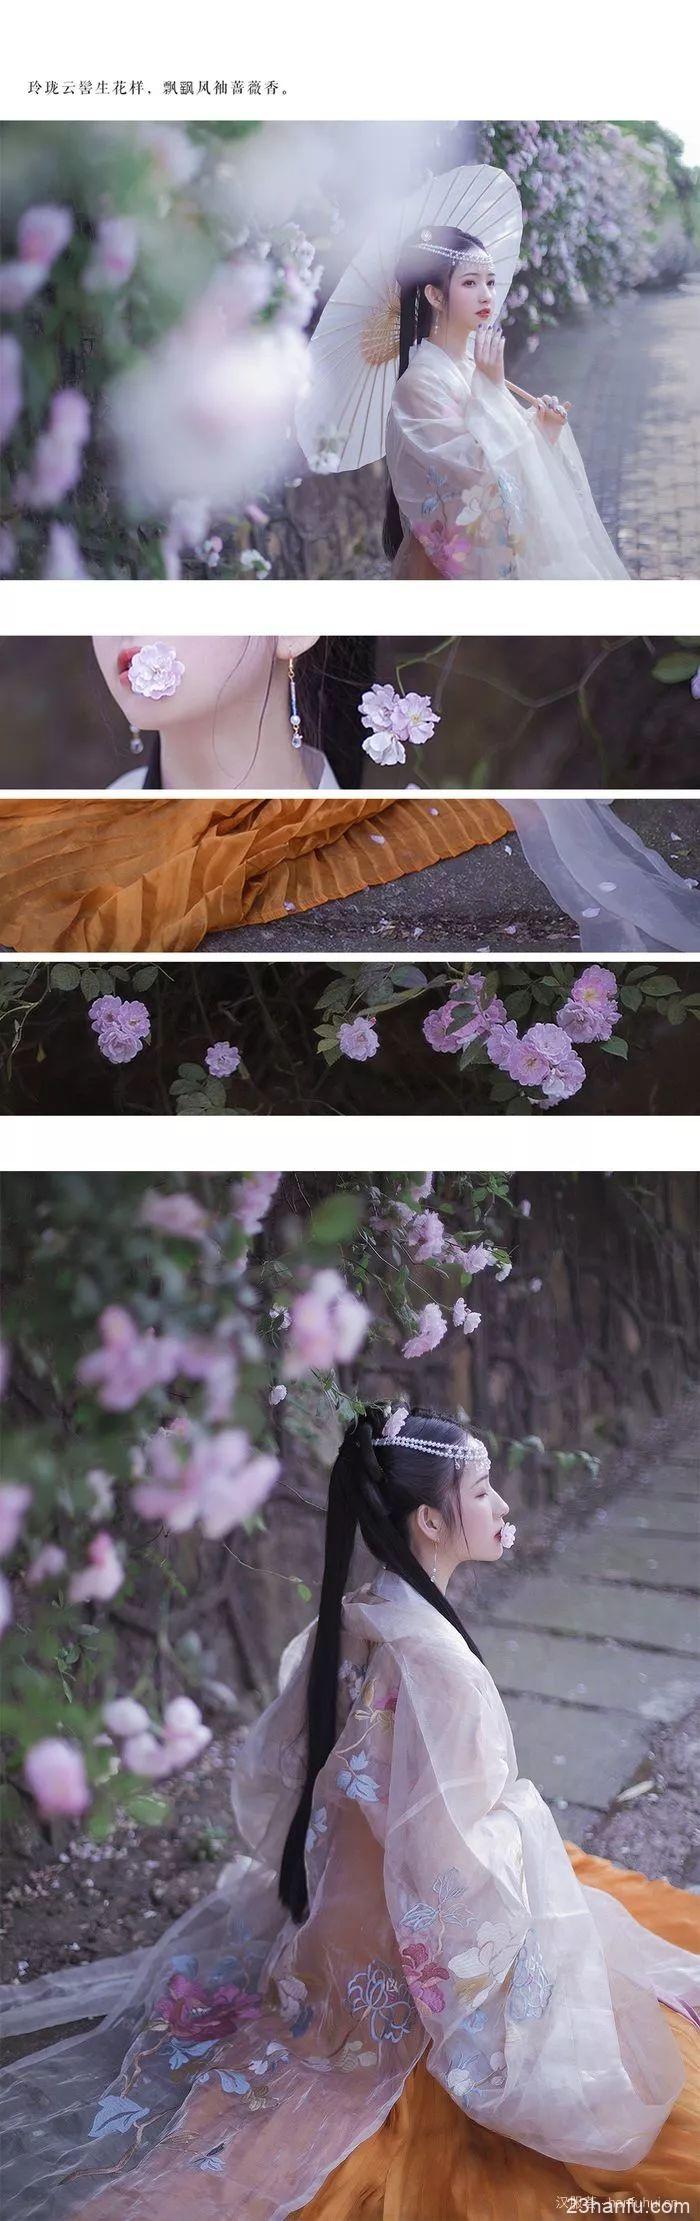 【汉服美景】水晶帘动微风起